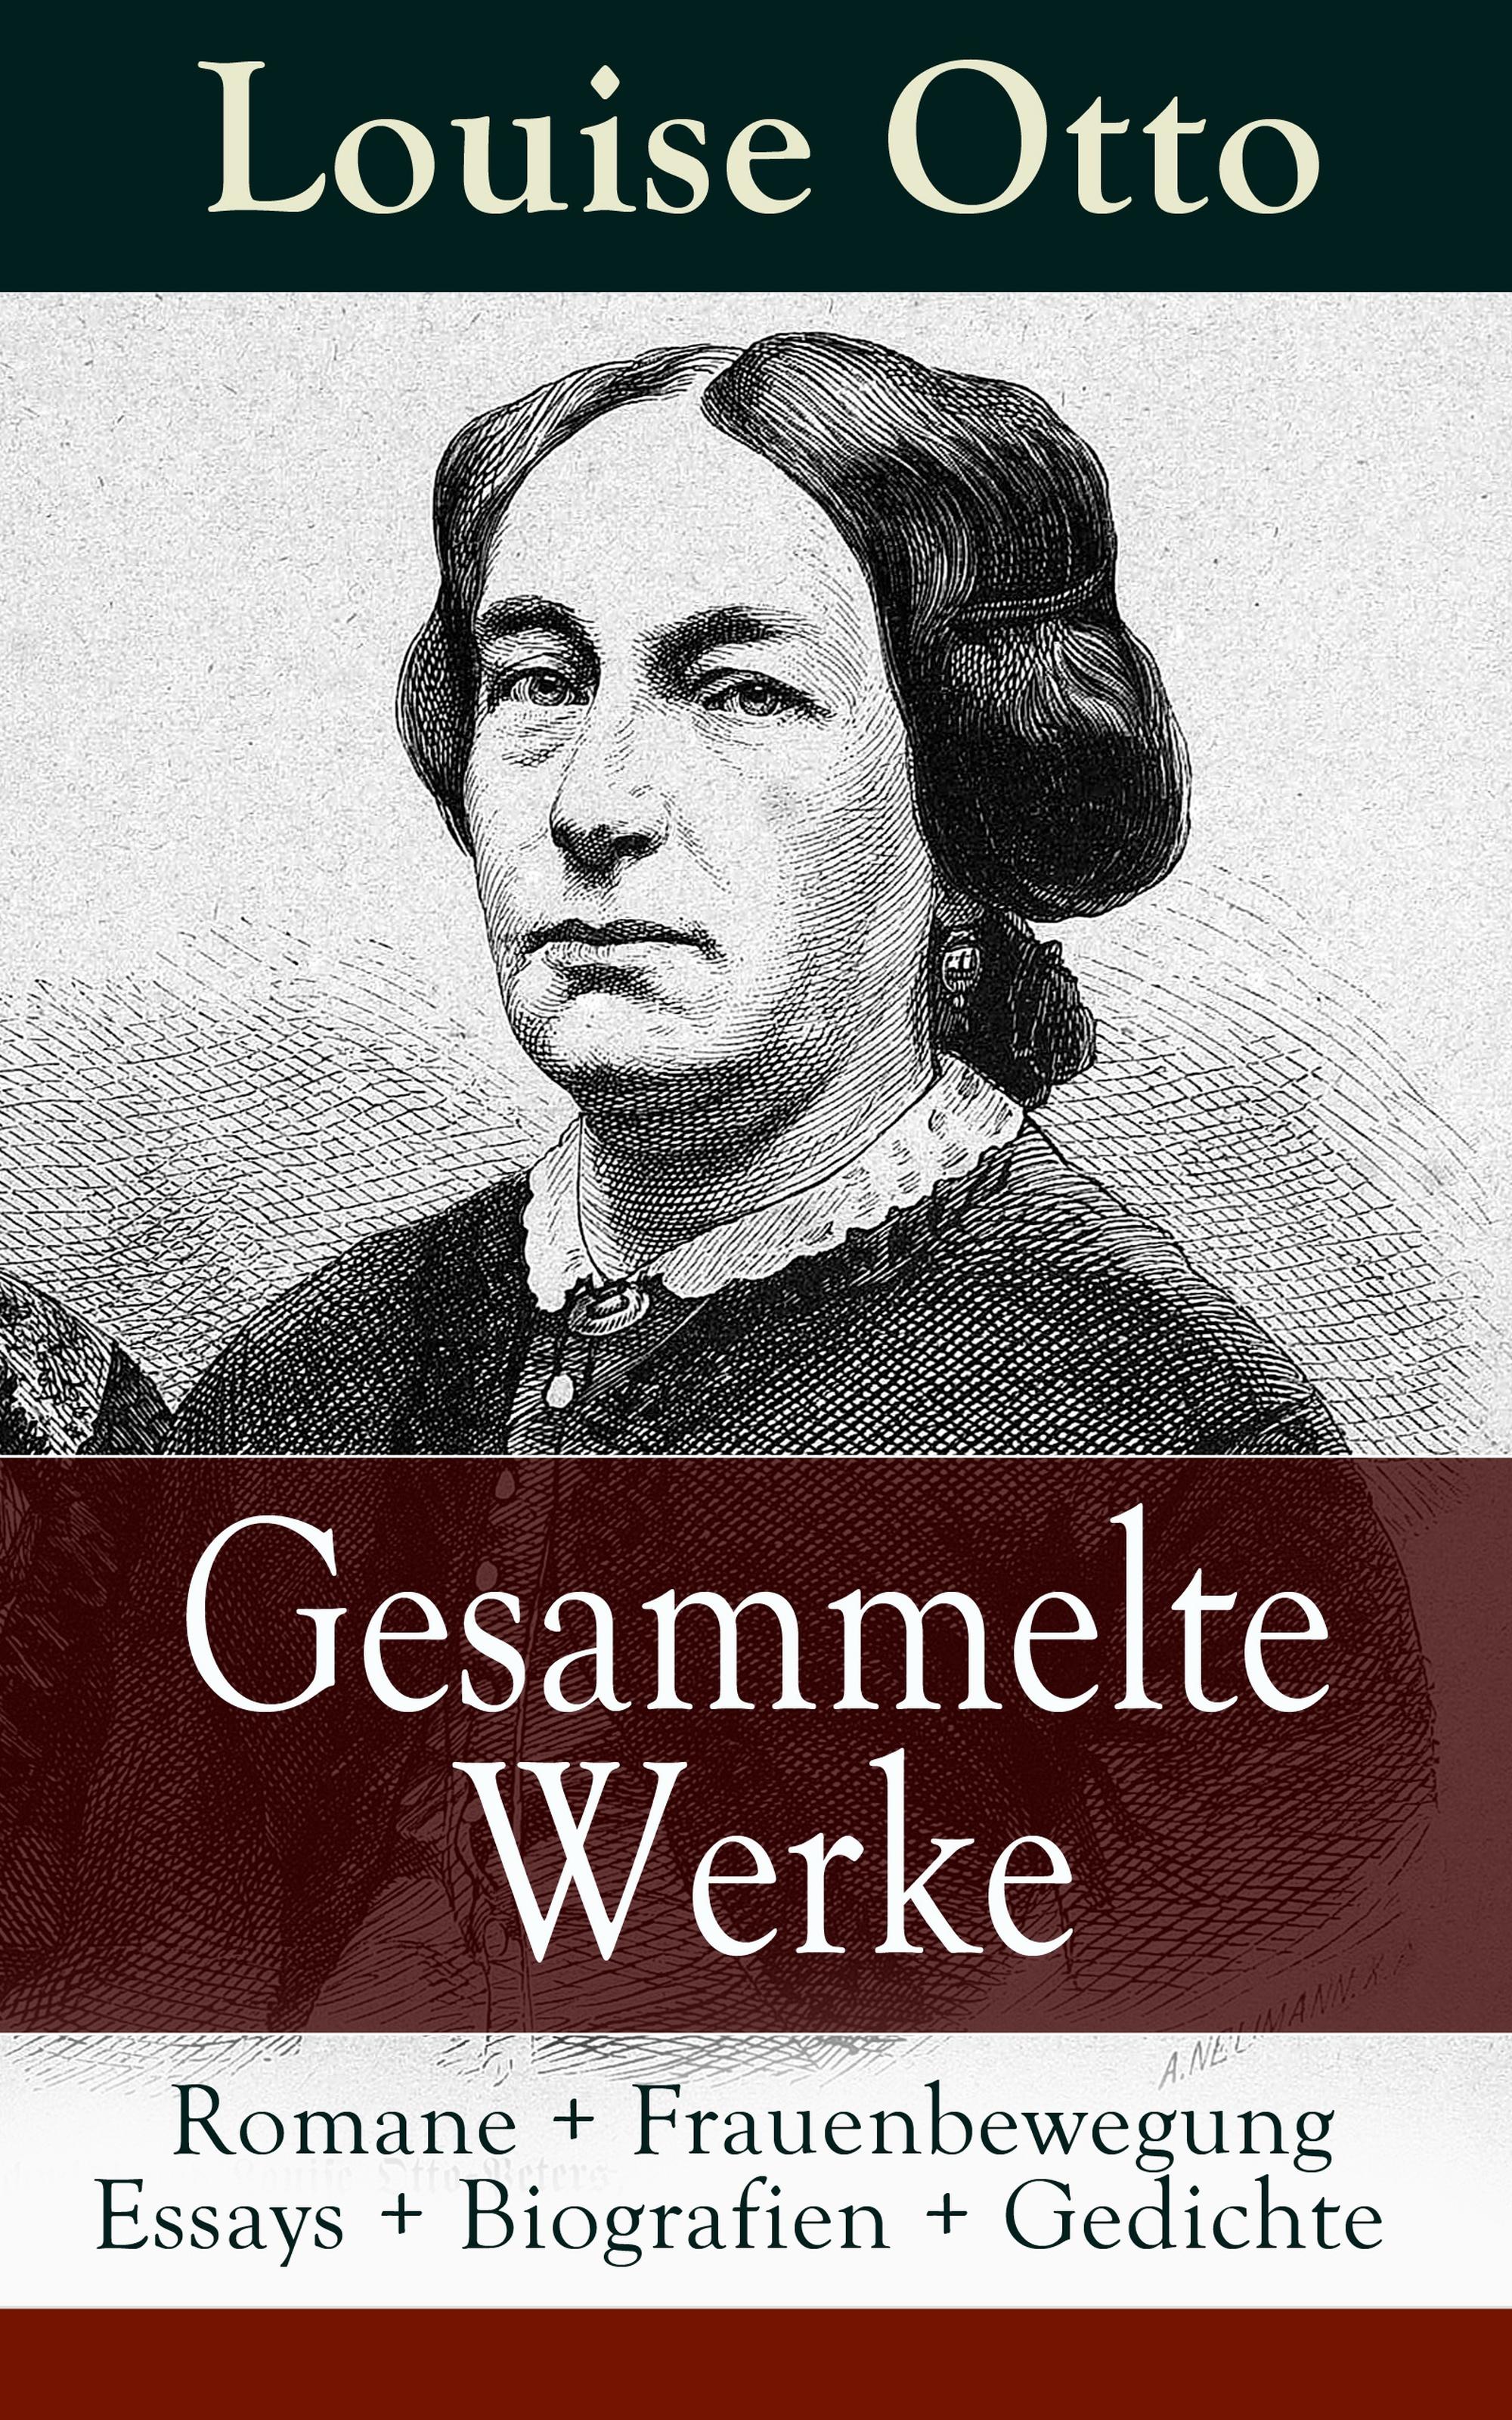 Louise Otto Gesammelte Werke: Romane + Frauenbewegung Essays + Biografien + Gedichte louise otto nürnberg historischer roman